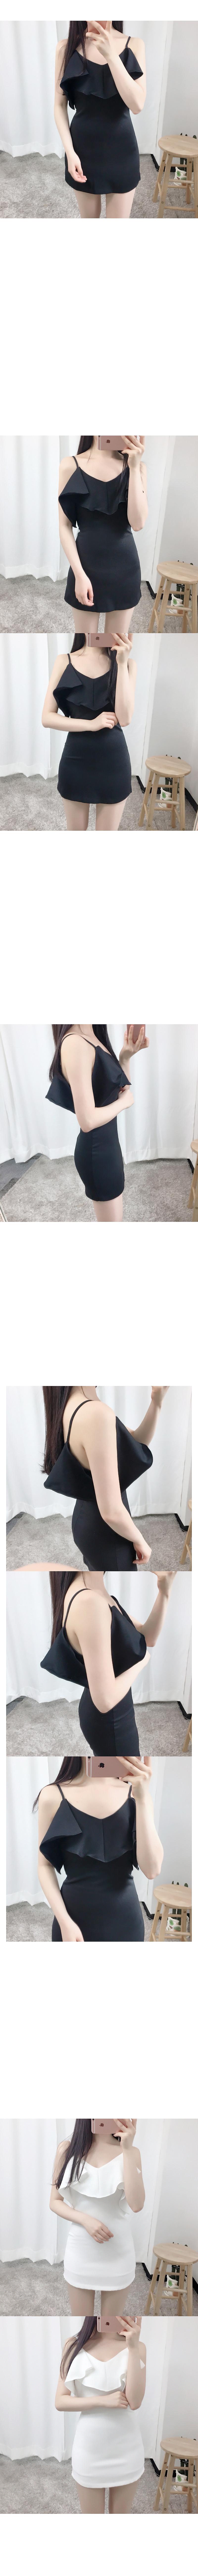 Off-Shoulder Slip Dress